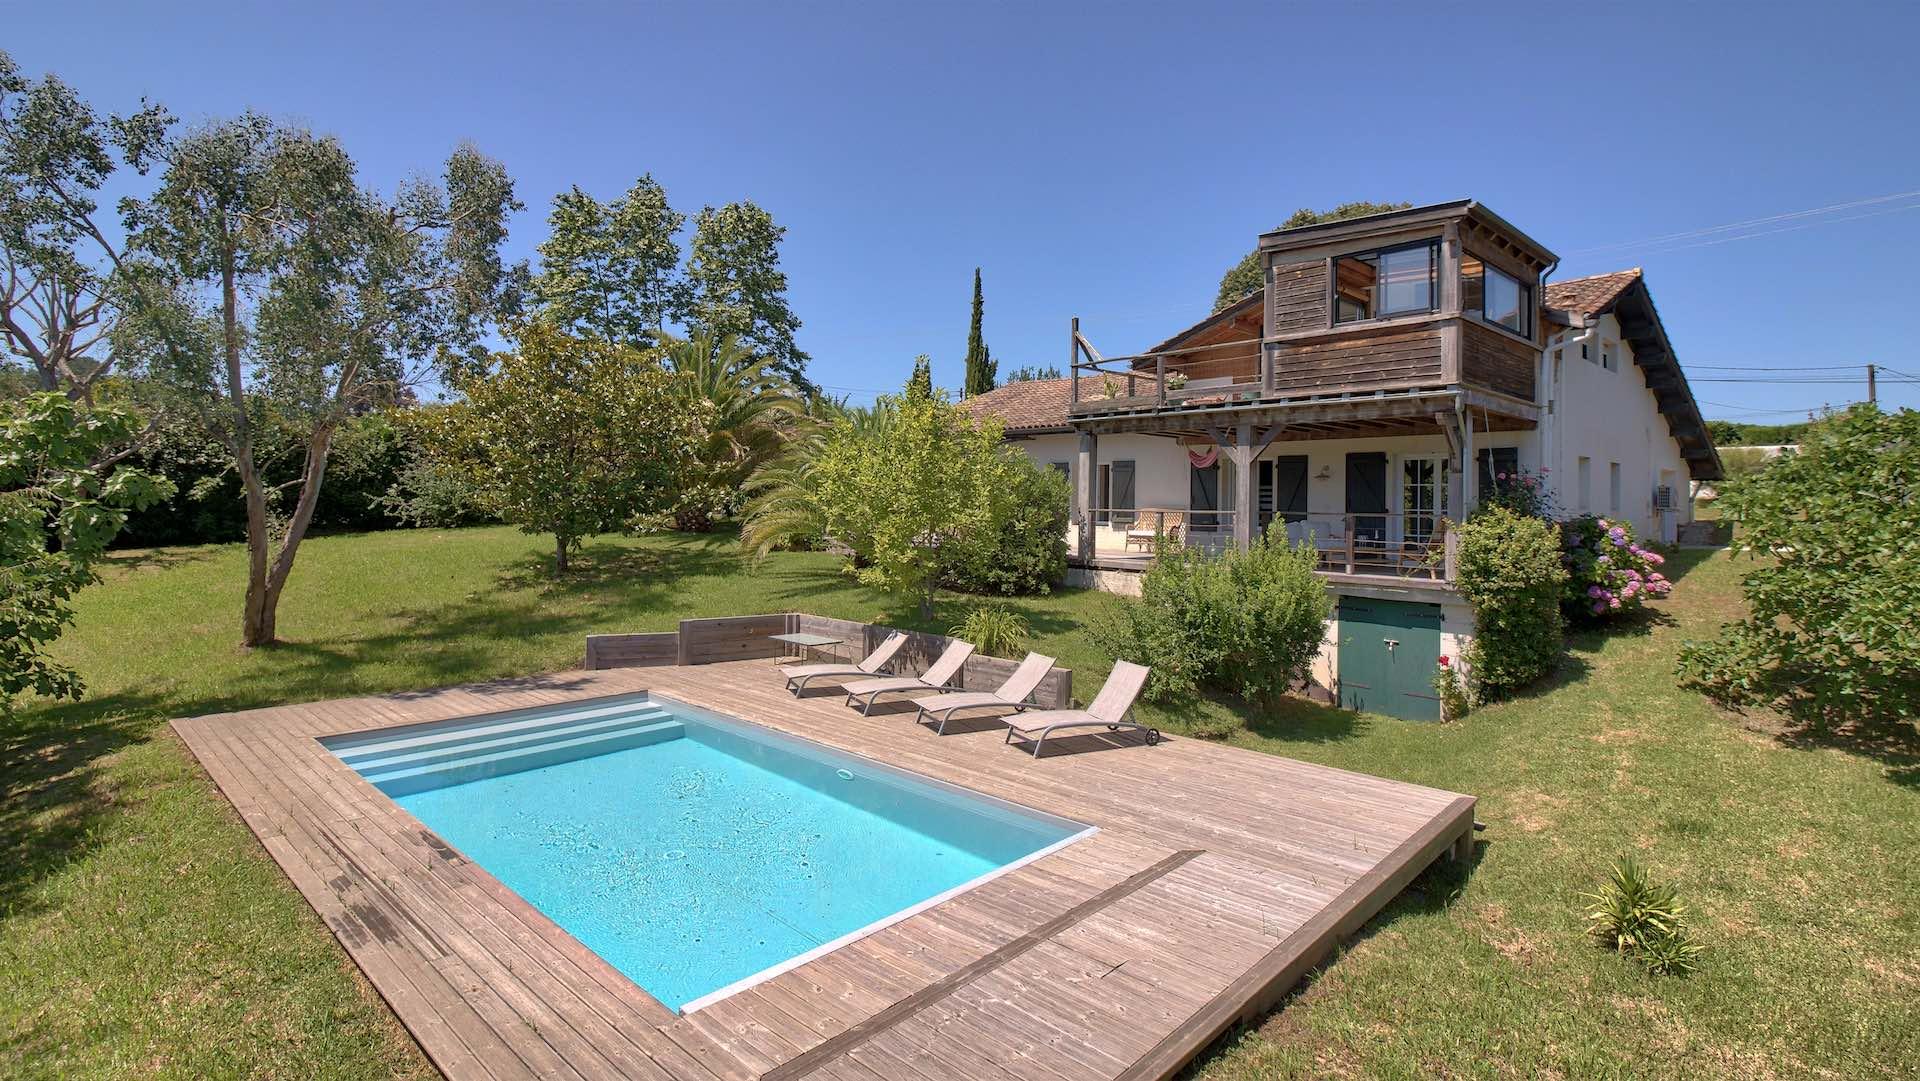 Maison de vacances avec piscine agreable et lumineuse - Location maison sud ouest piscine ...